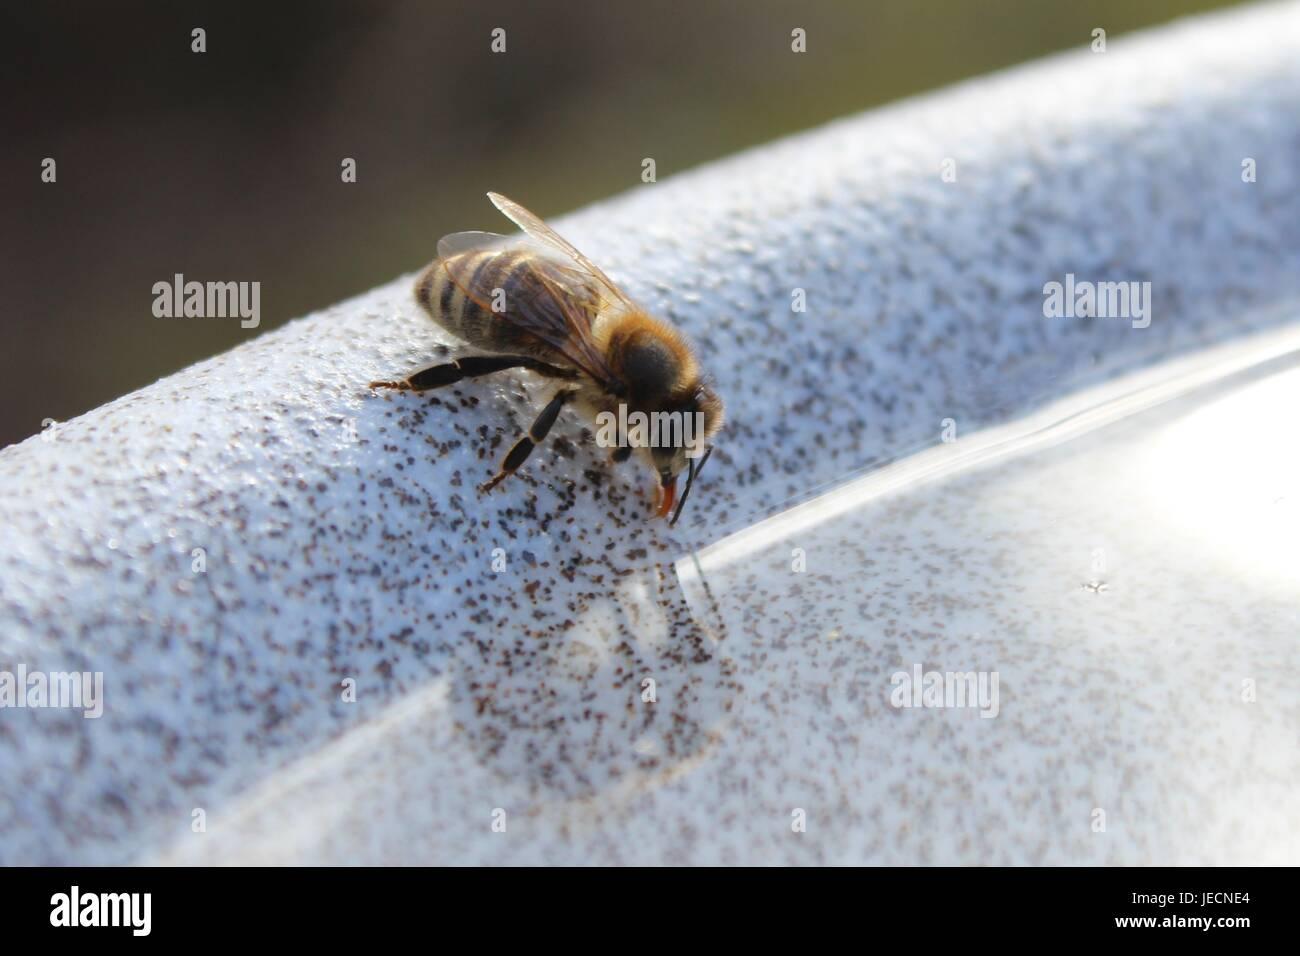 Eine durstige Biene ist aus einer Wasserschüssel trinken. Stockfoto